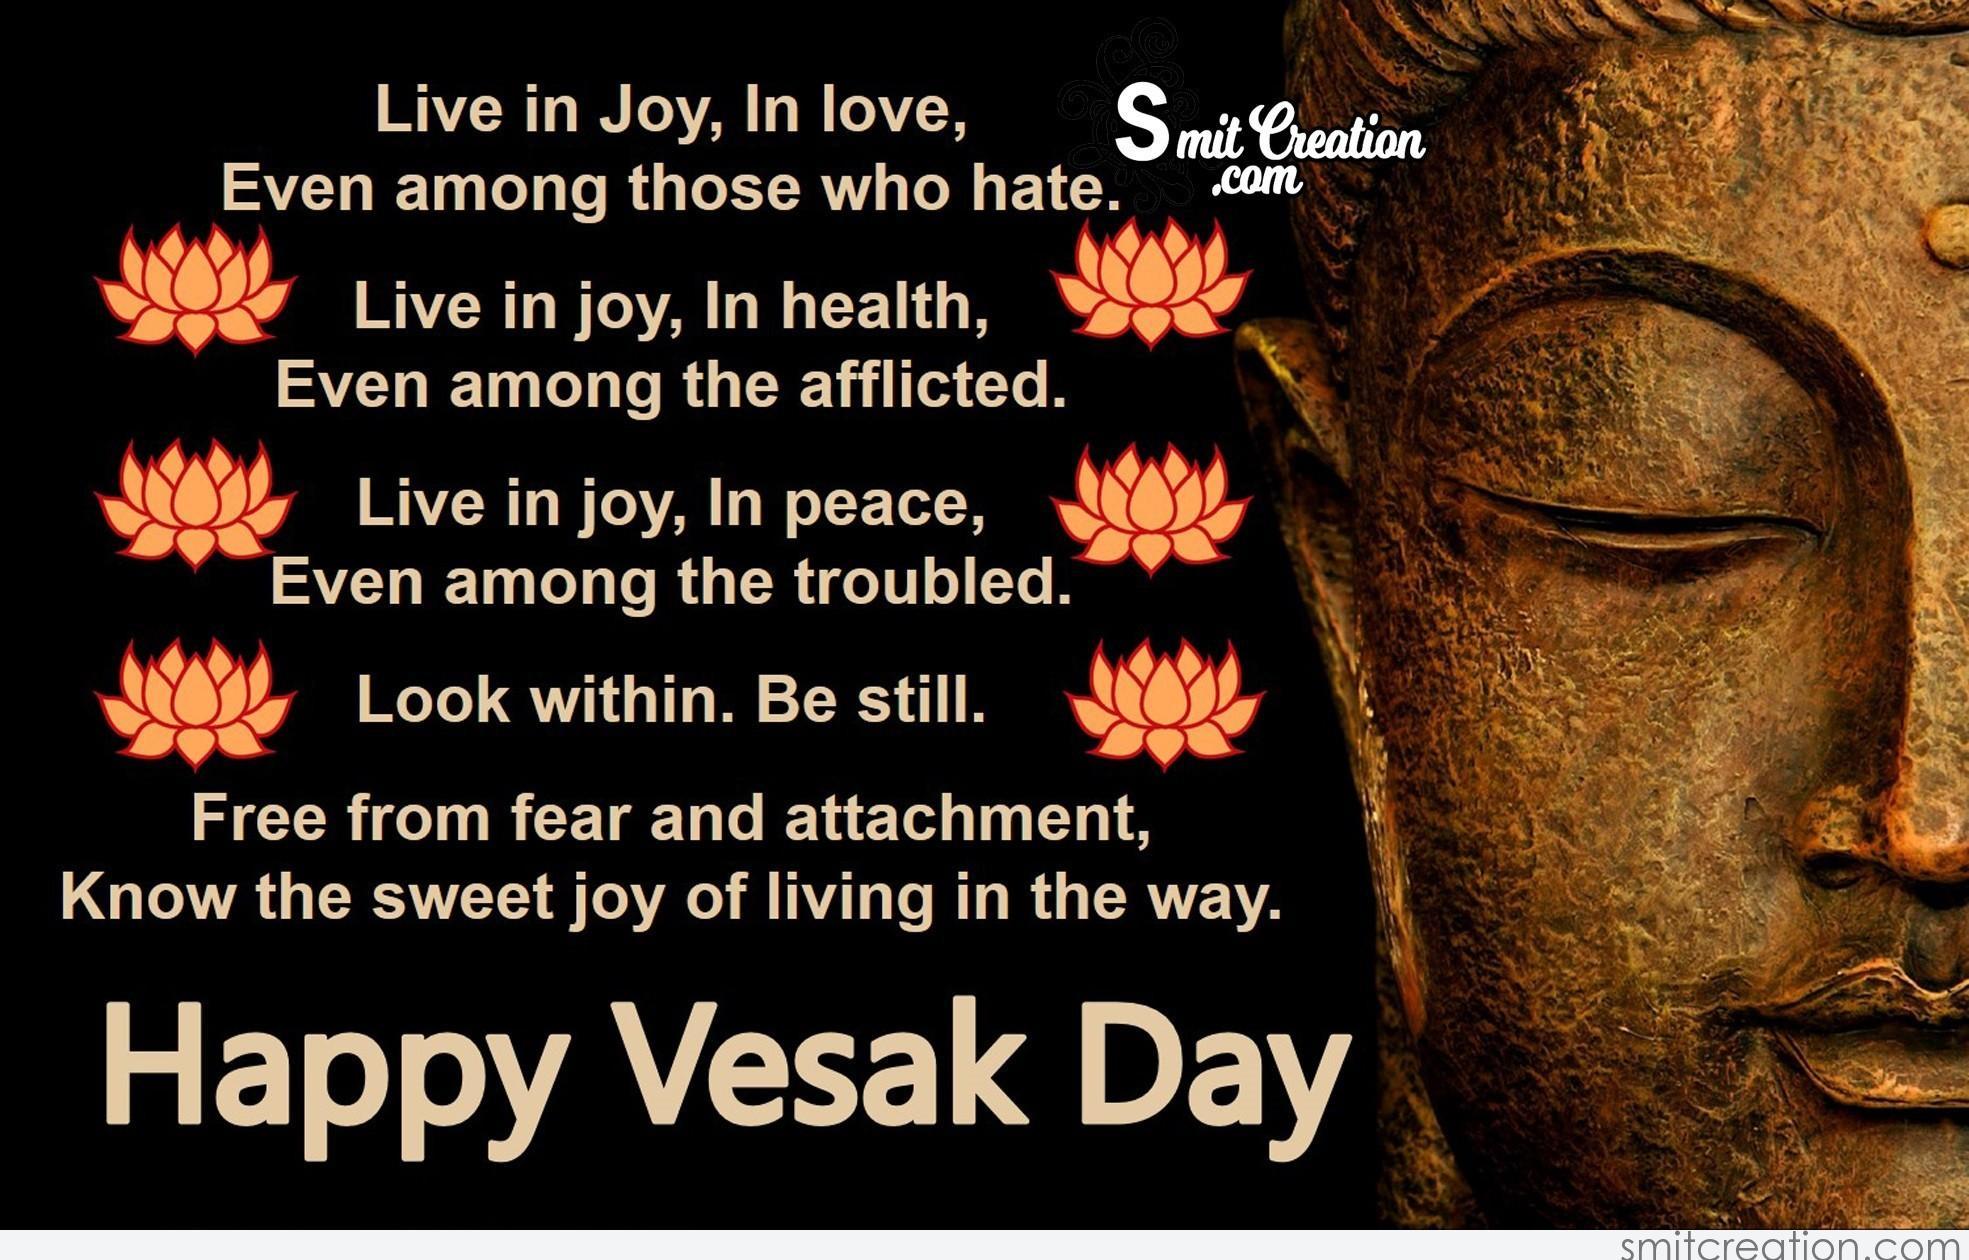 Happy Vesak Day Live In Joy In Love Smitcreation Com